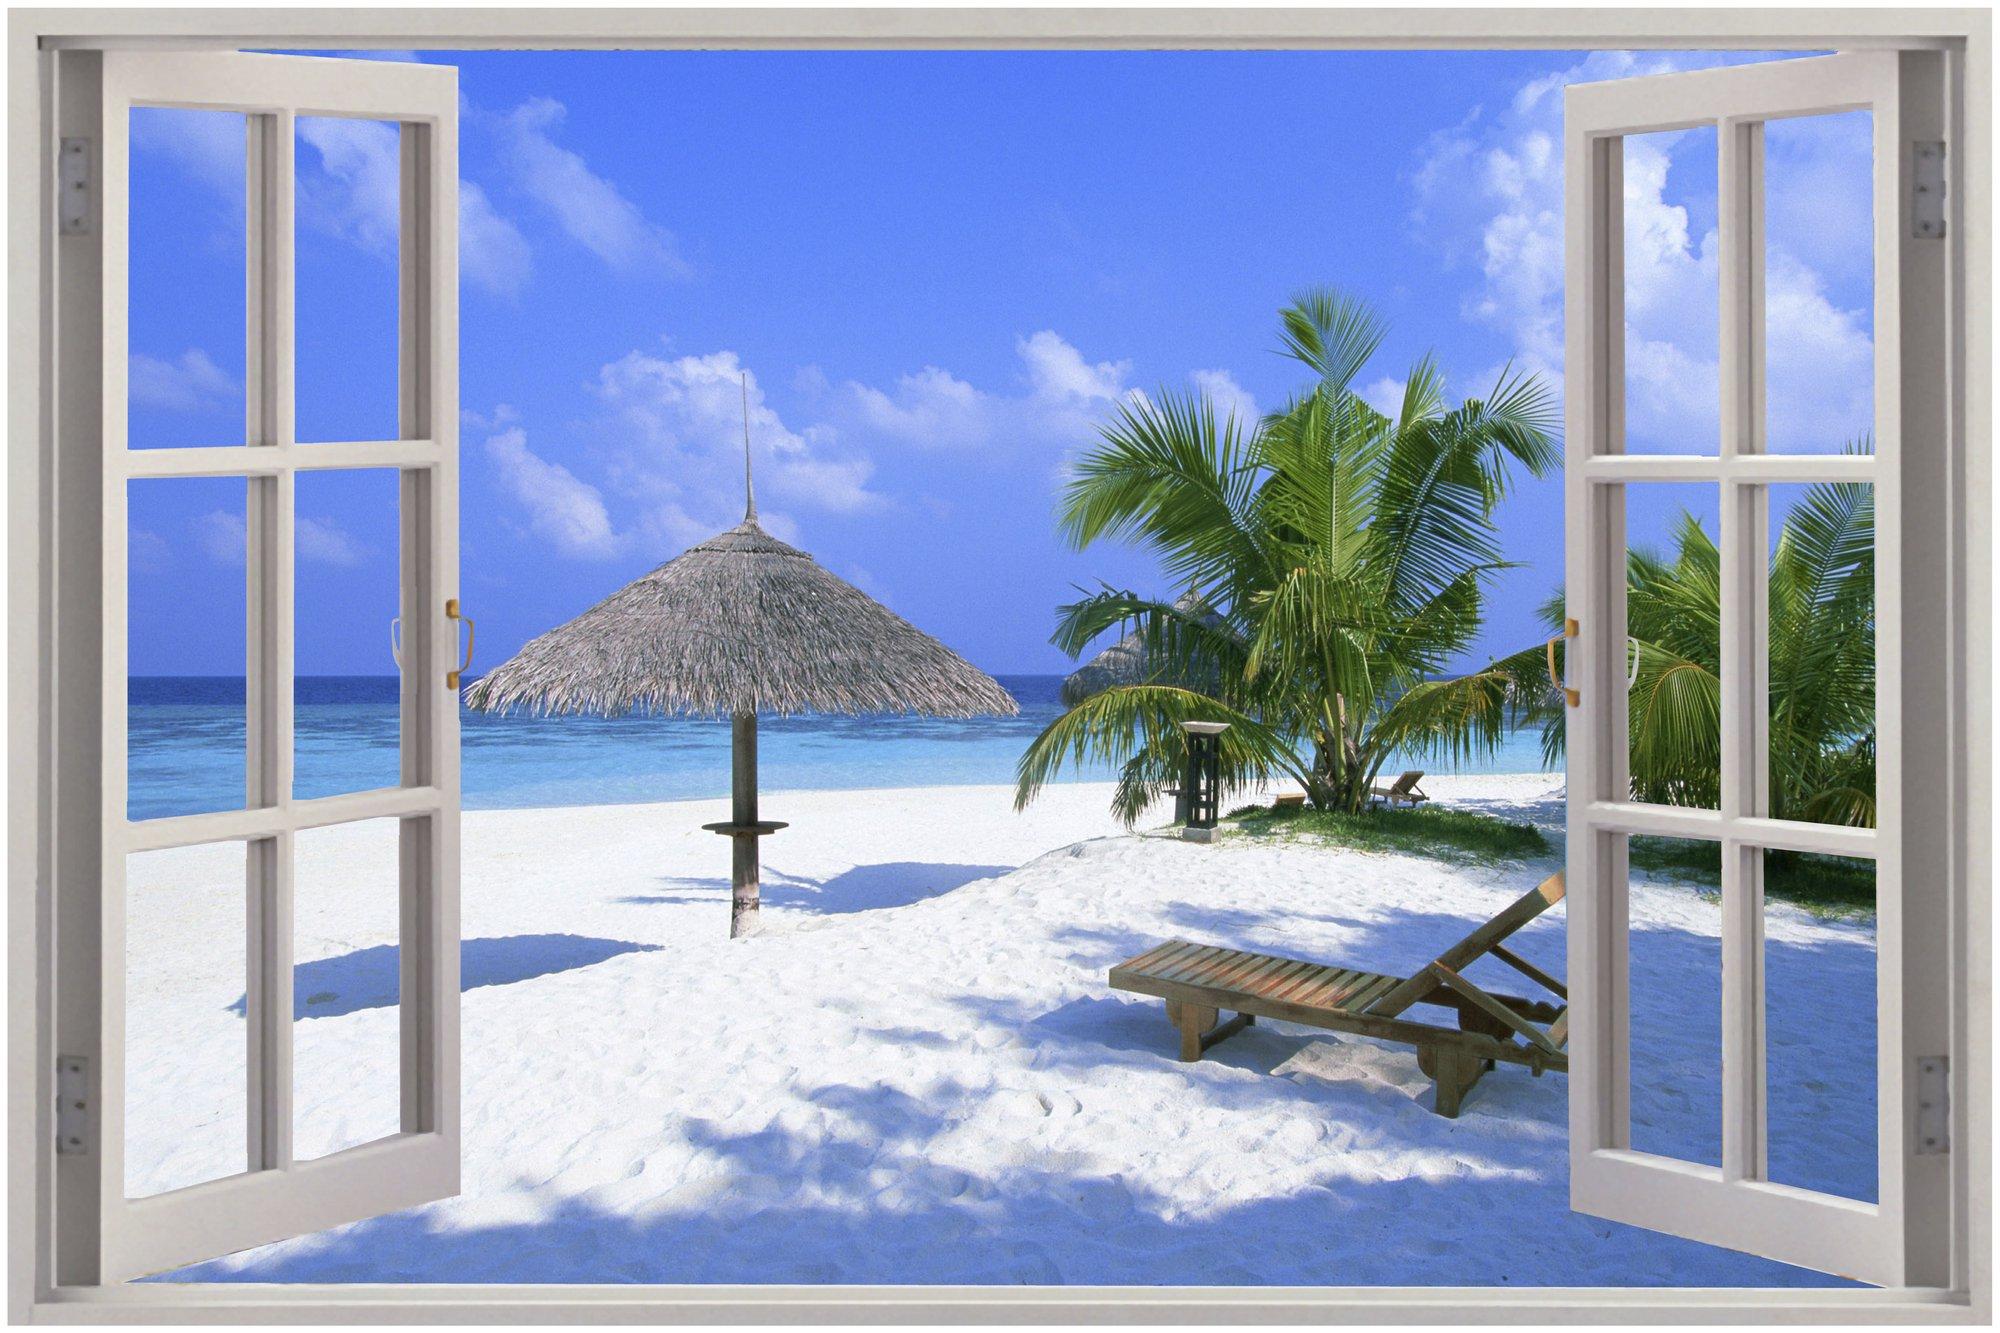 Blue stripe wallpaper ebay - Source Url Http Www Ebay Co Uk Itm